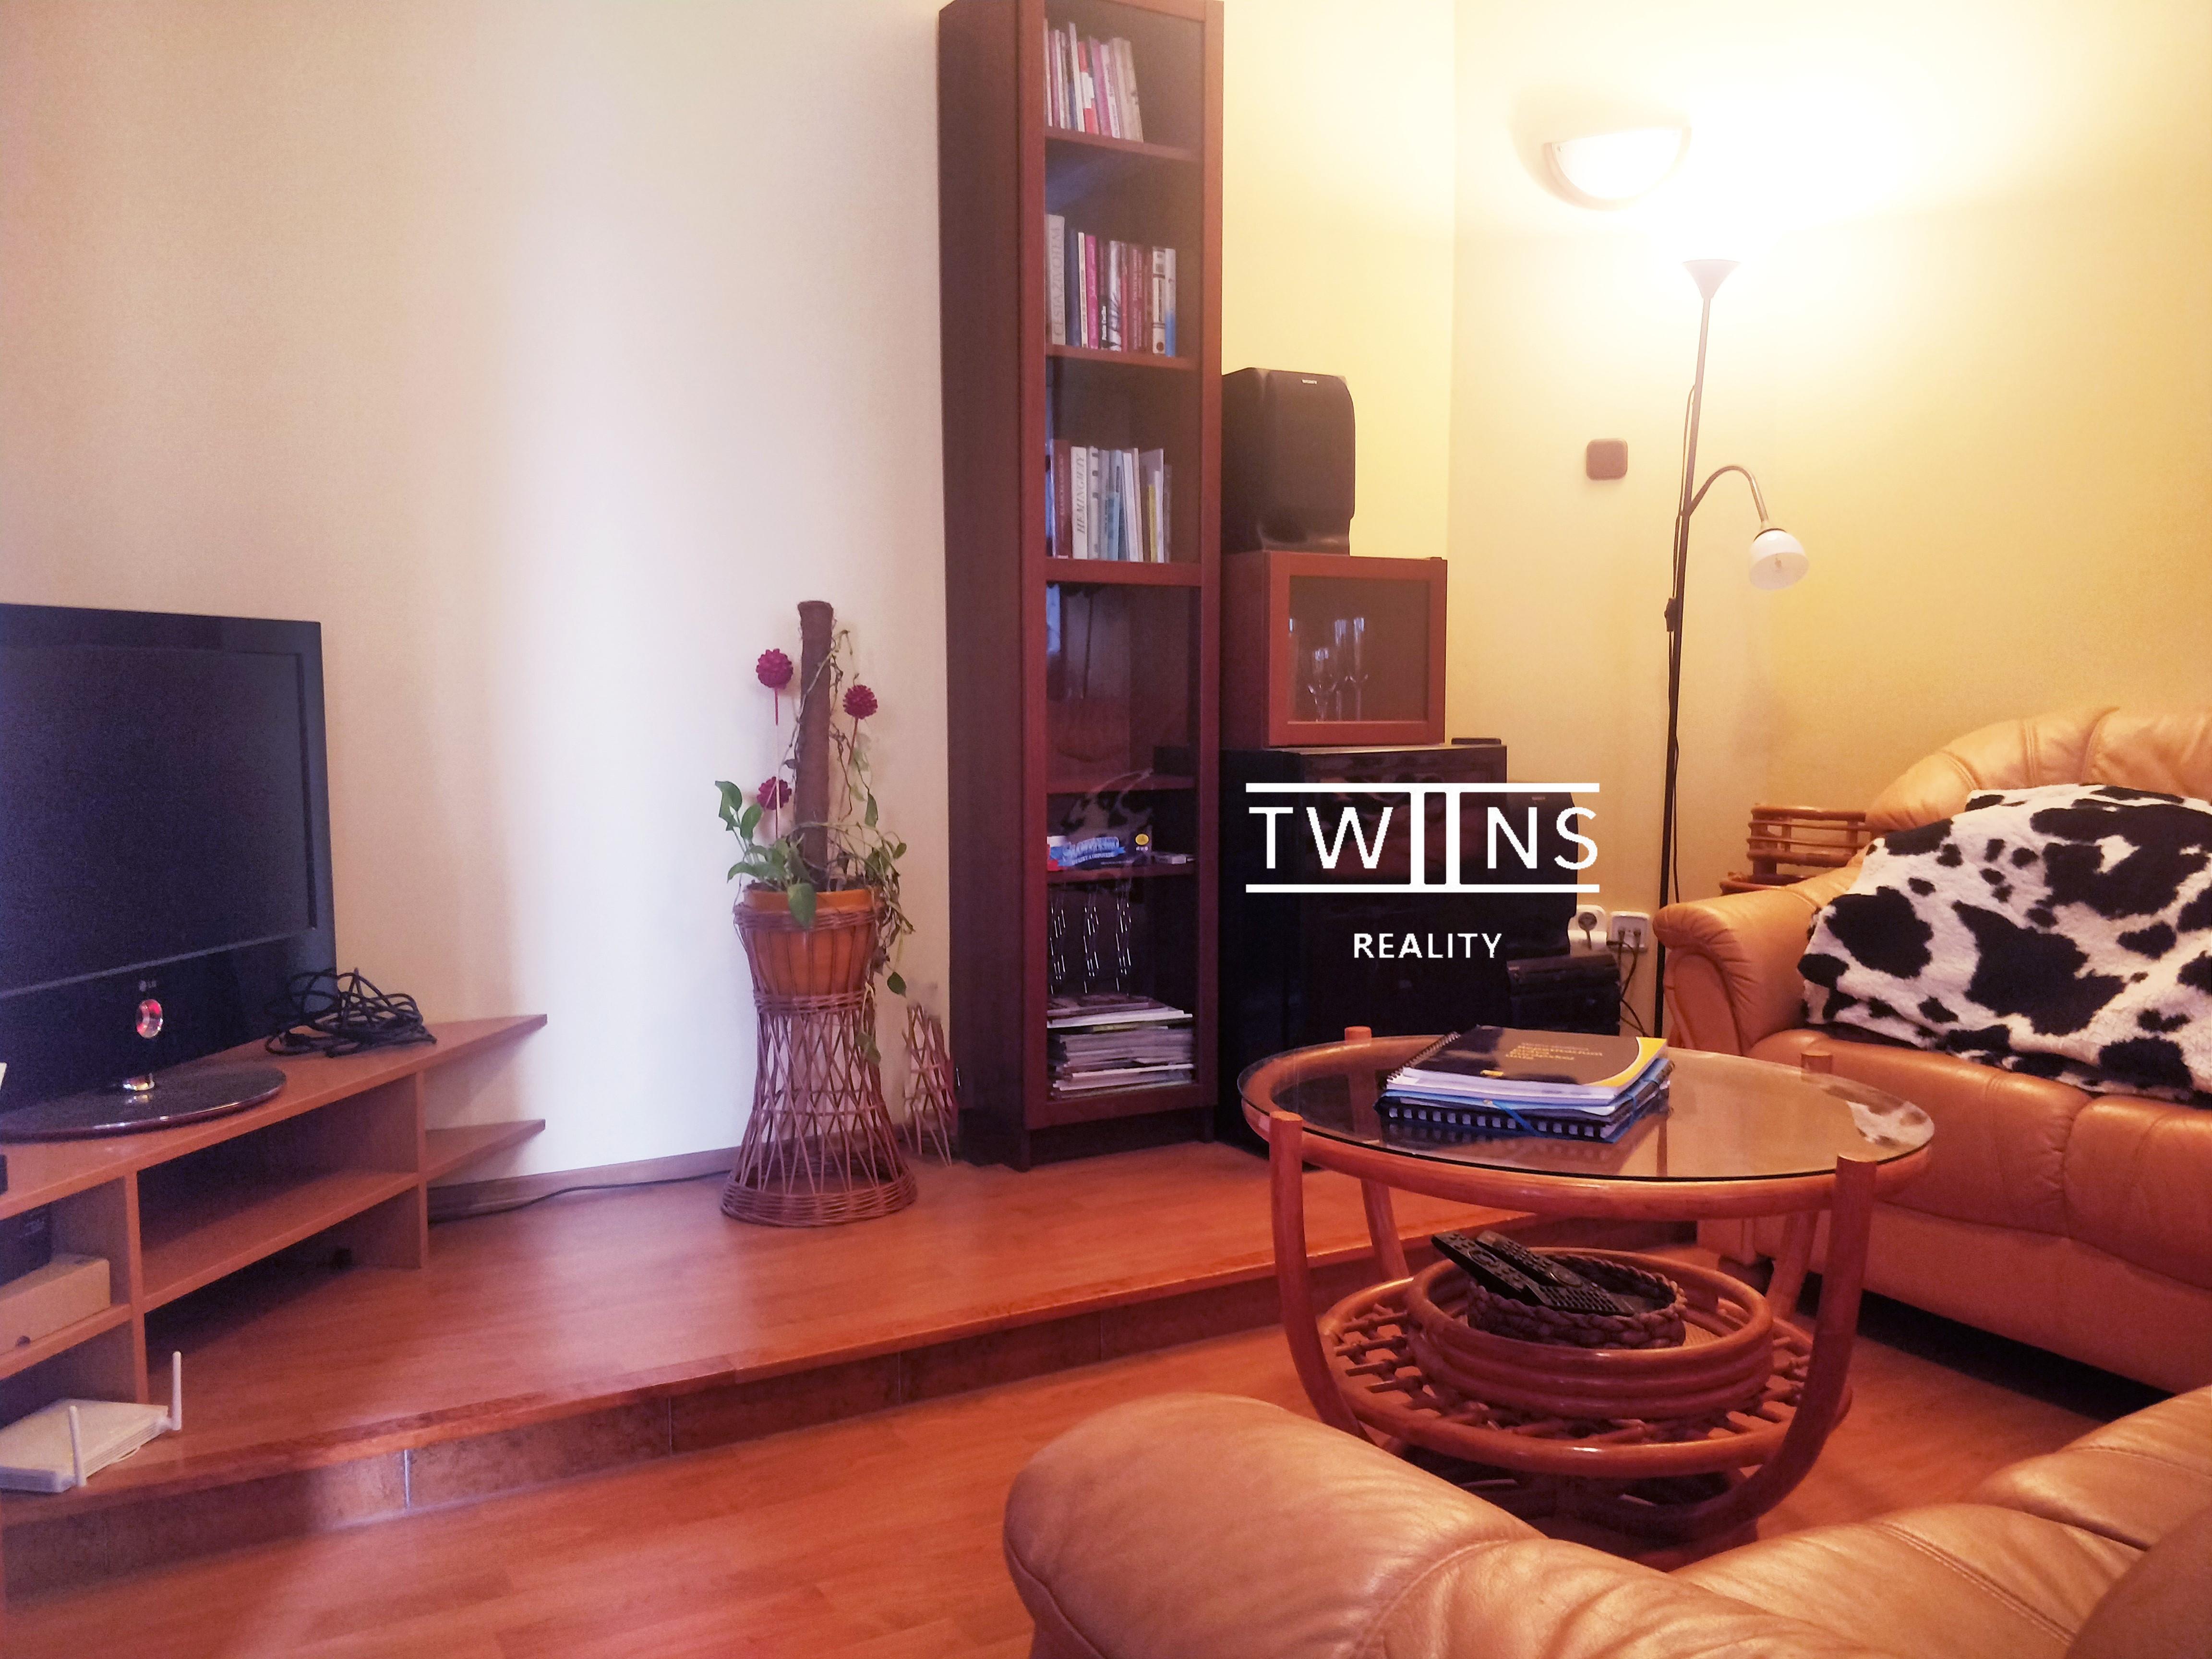 Rezervované —-Predáme 2 i byt v Ružínove , tichý parčík pred vchodom 🌳nepriechodné izby. Ideálne pre mladé rodiny 👨👩👧👦